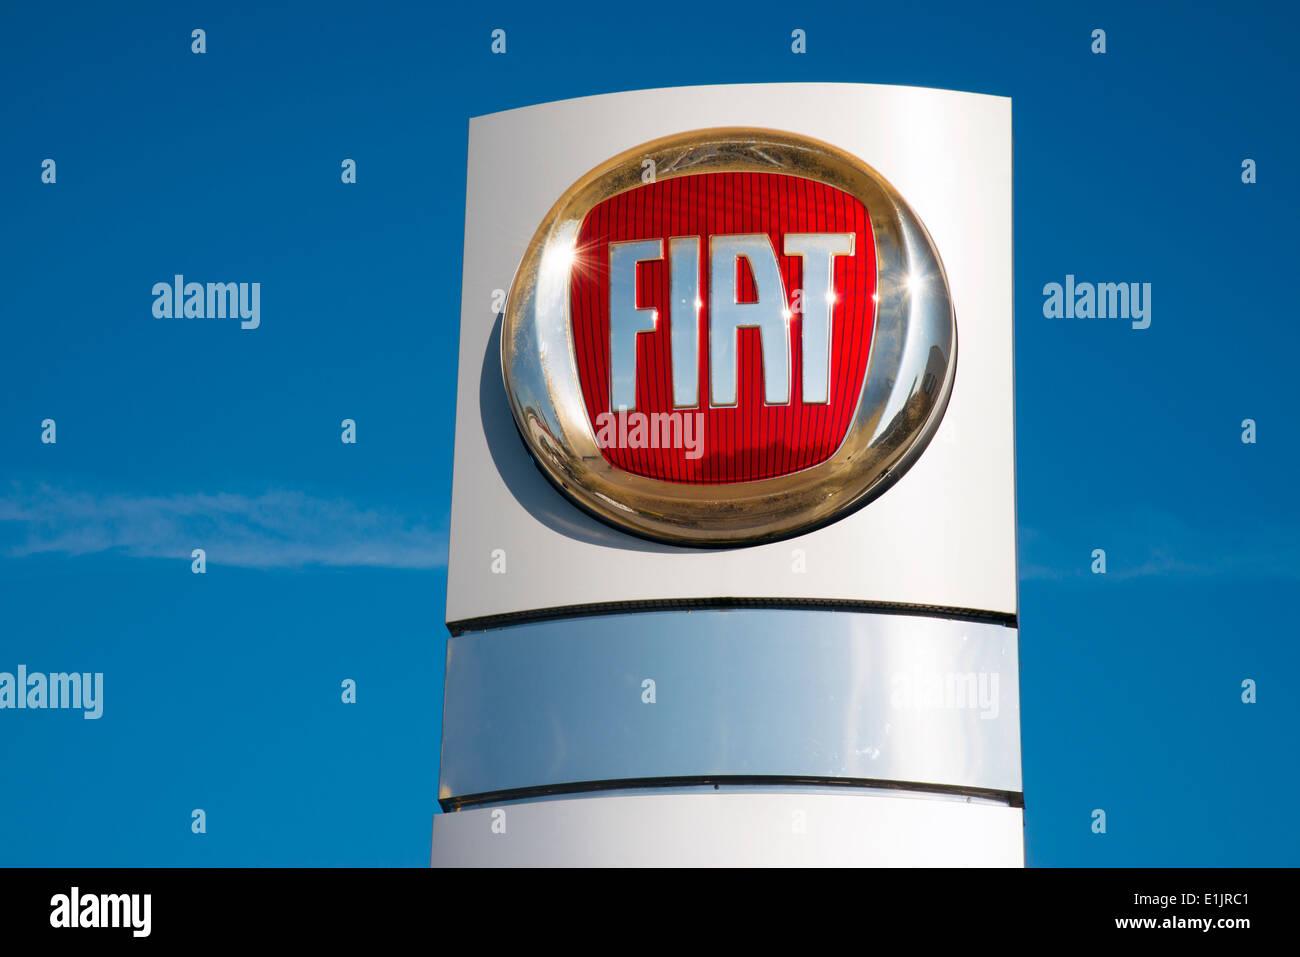 Fiat signer chez un concessionnaire, au Royaume-Uni. Photo Stock